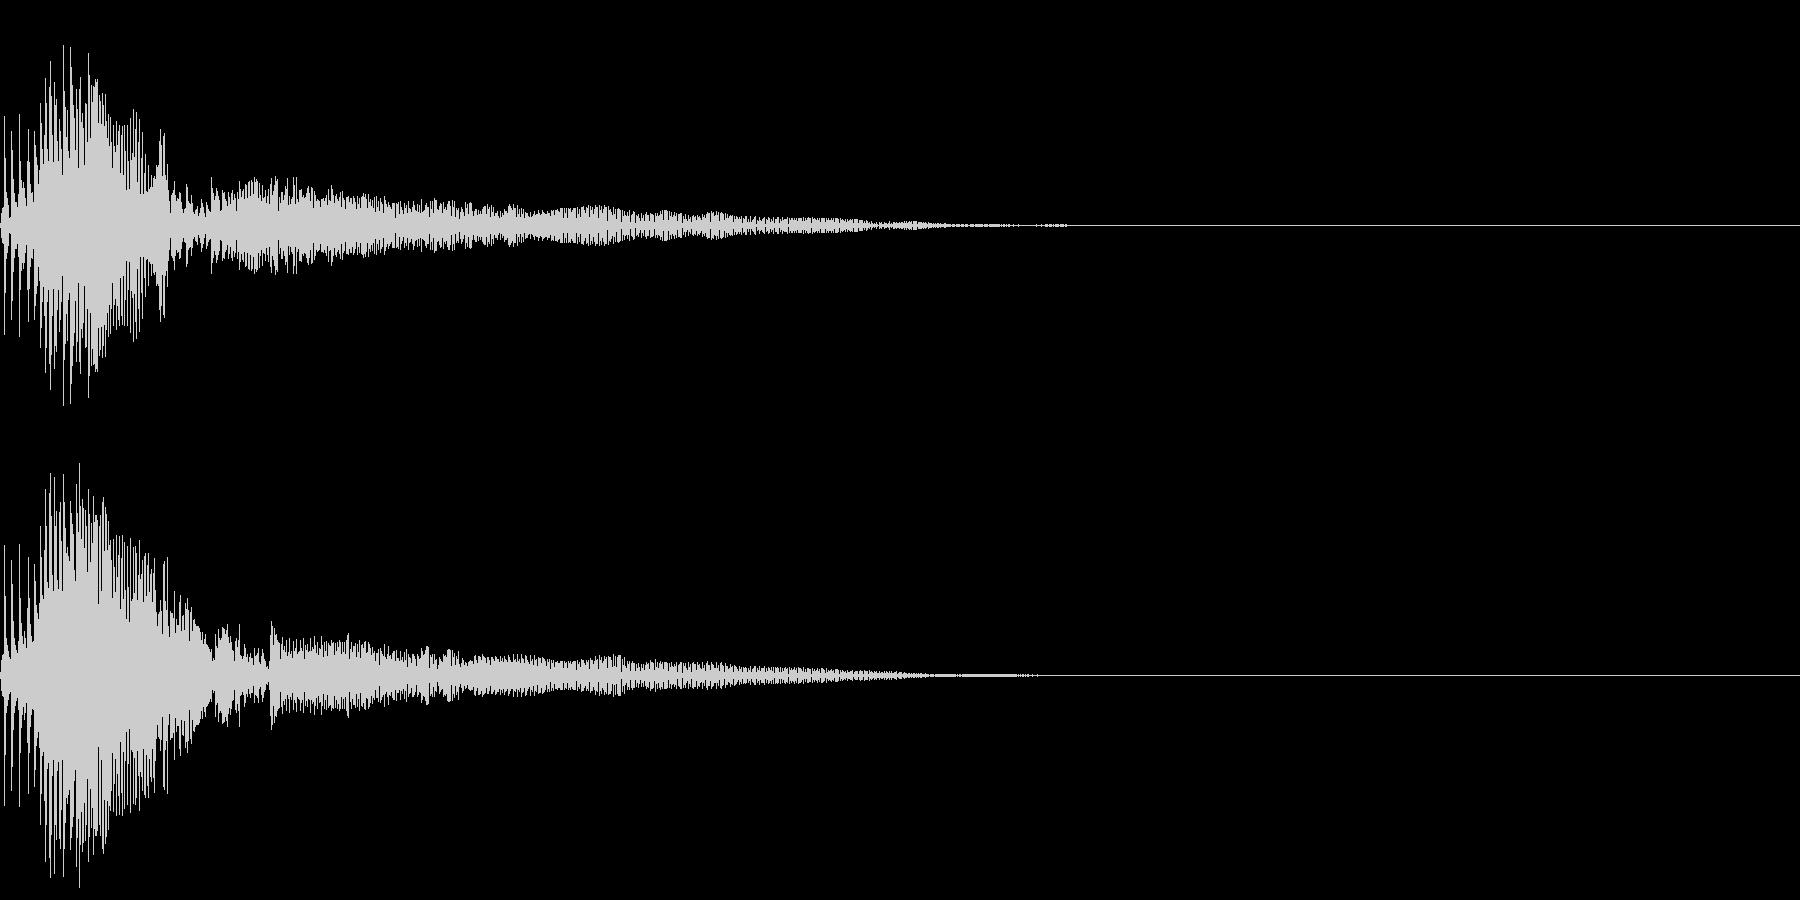 Zako ゲームのザコキャラの鳴き声 1の未再生の波形